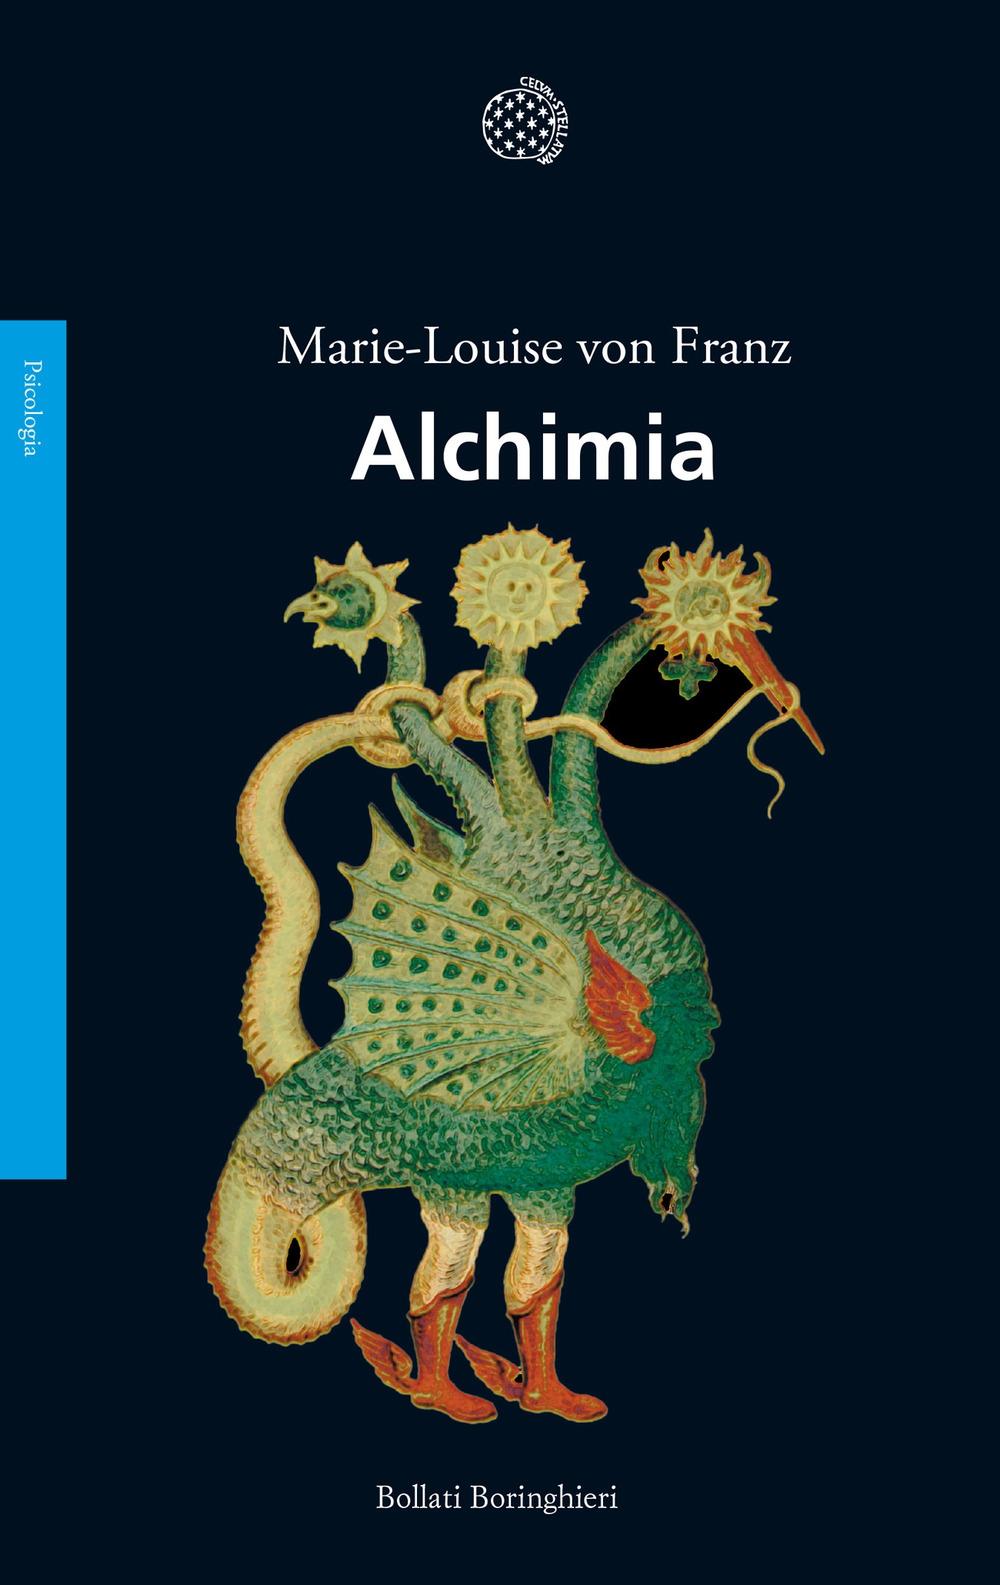 Alchimia - Marie-Louise von Franz